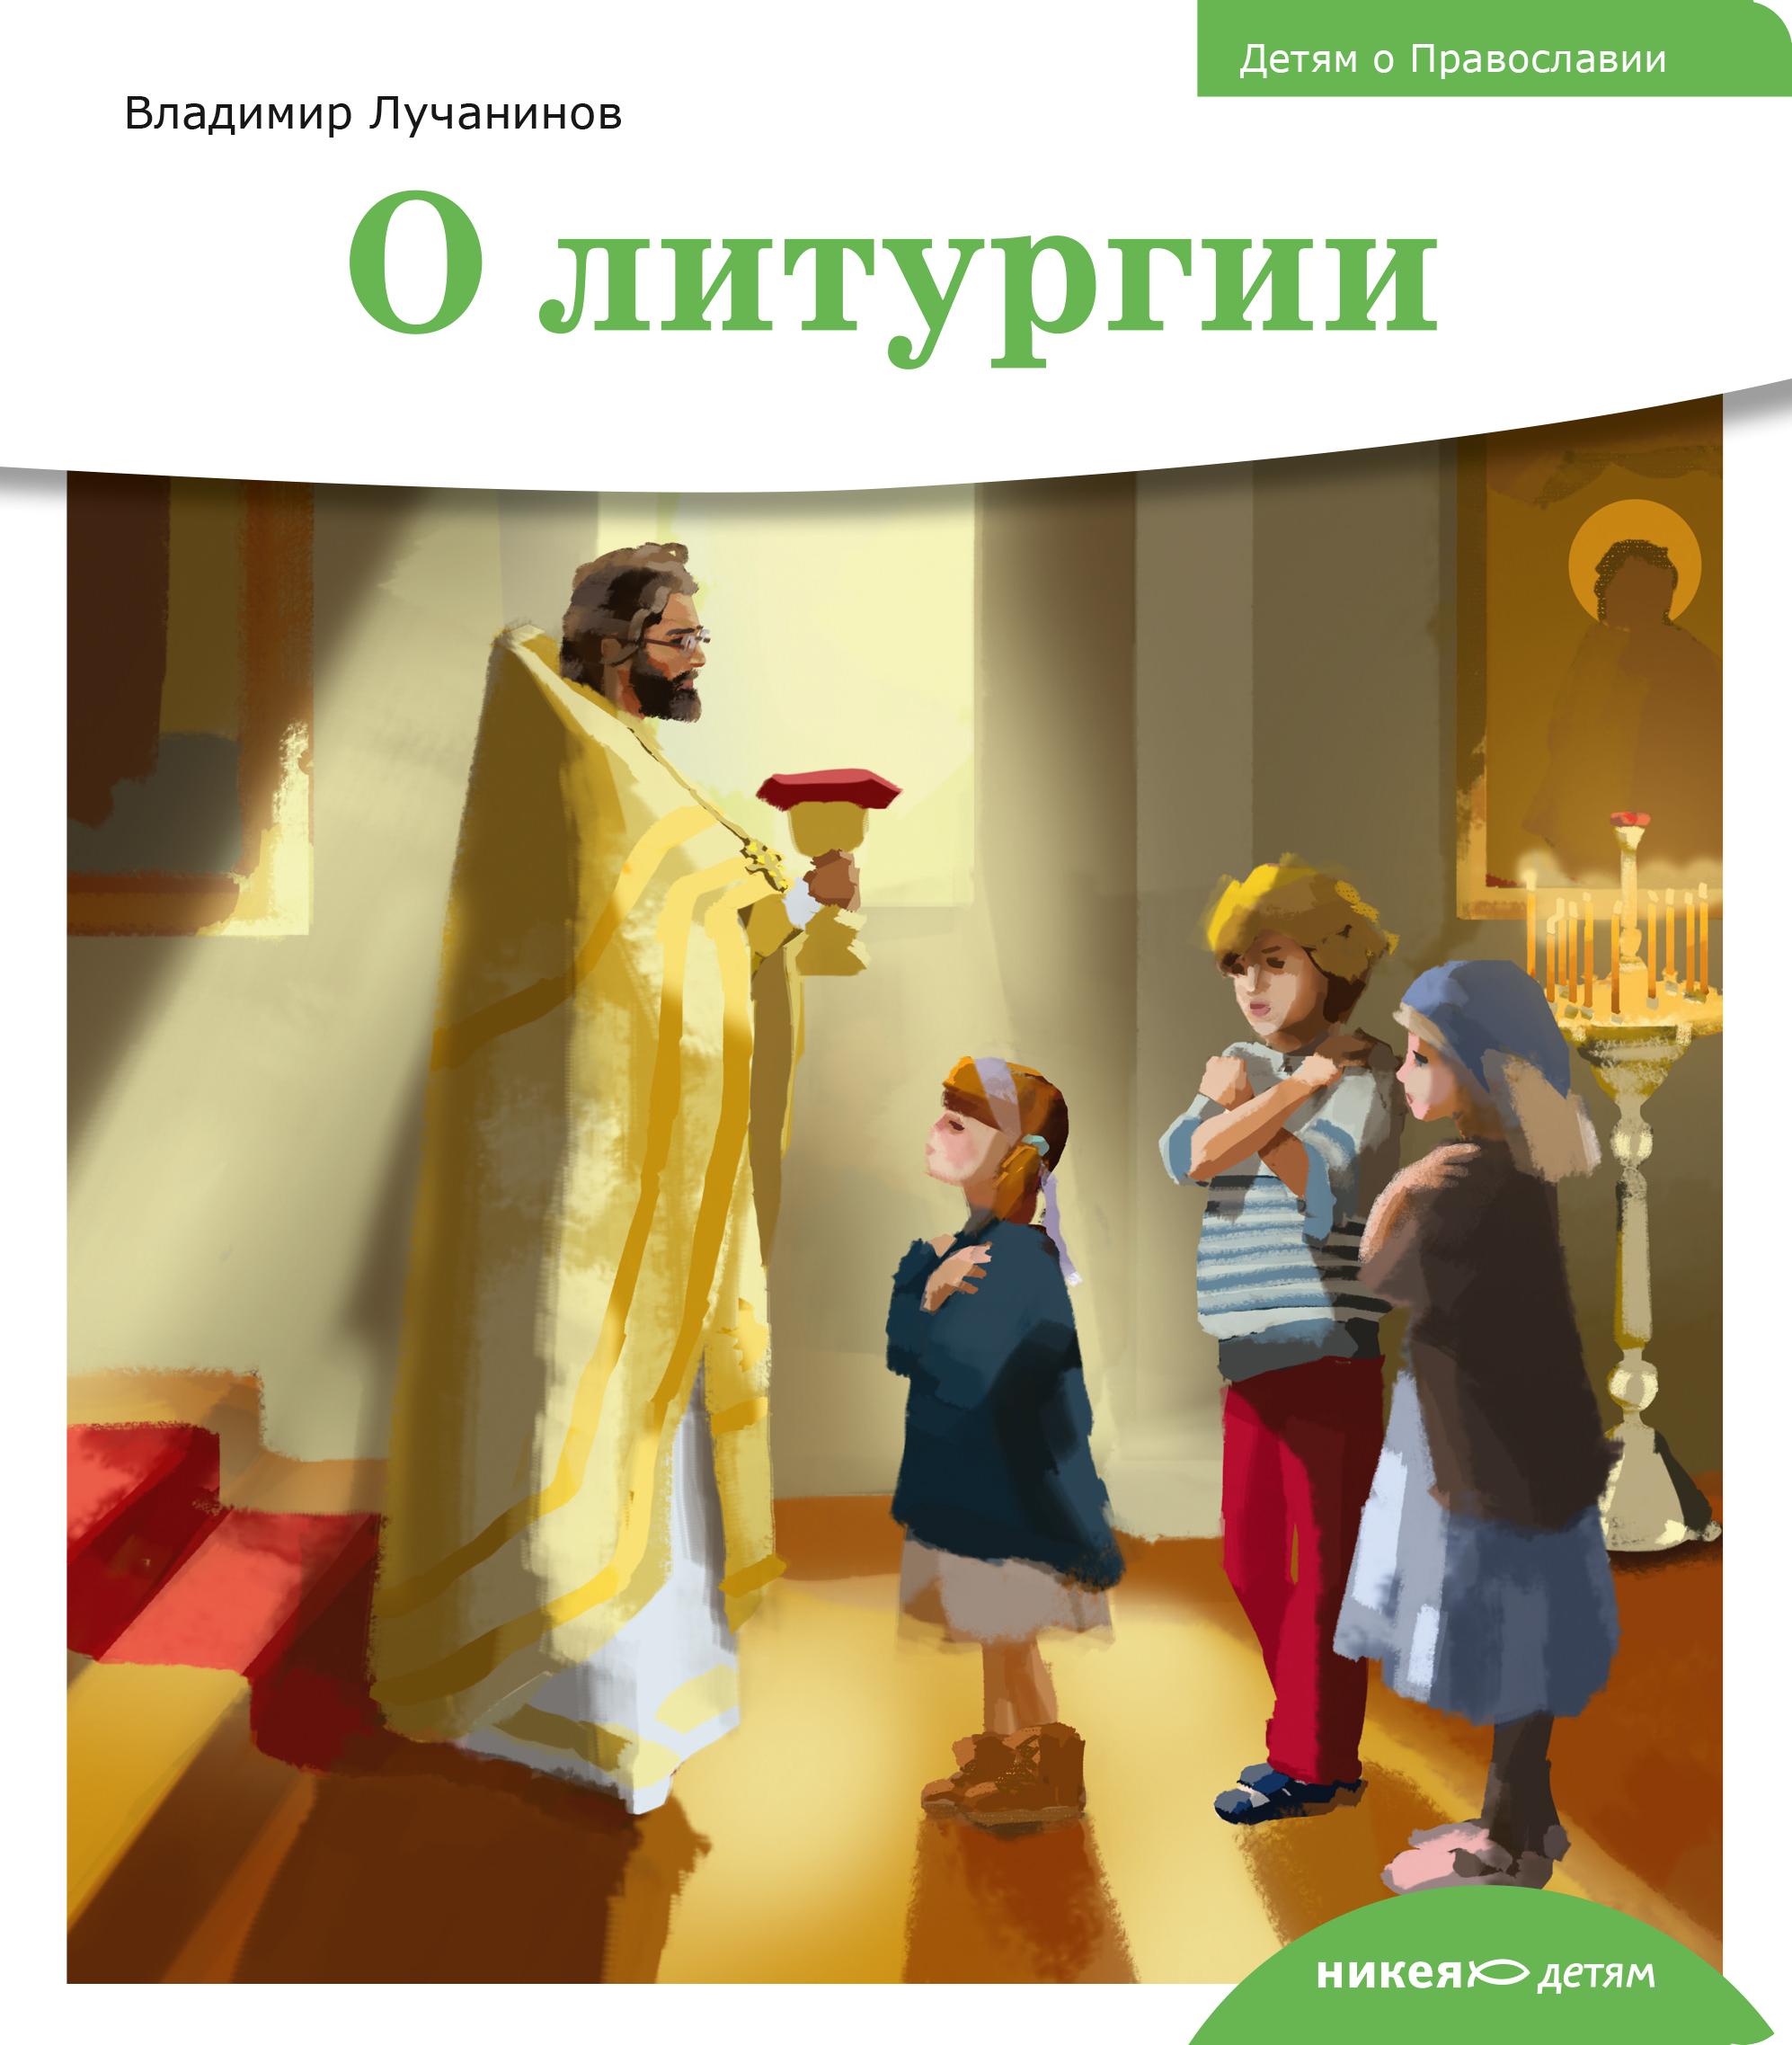 Владимир Лучанинов Детям о Православии. О литургии детям о гатчине